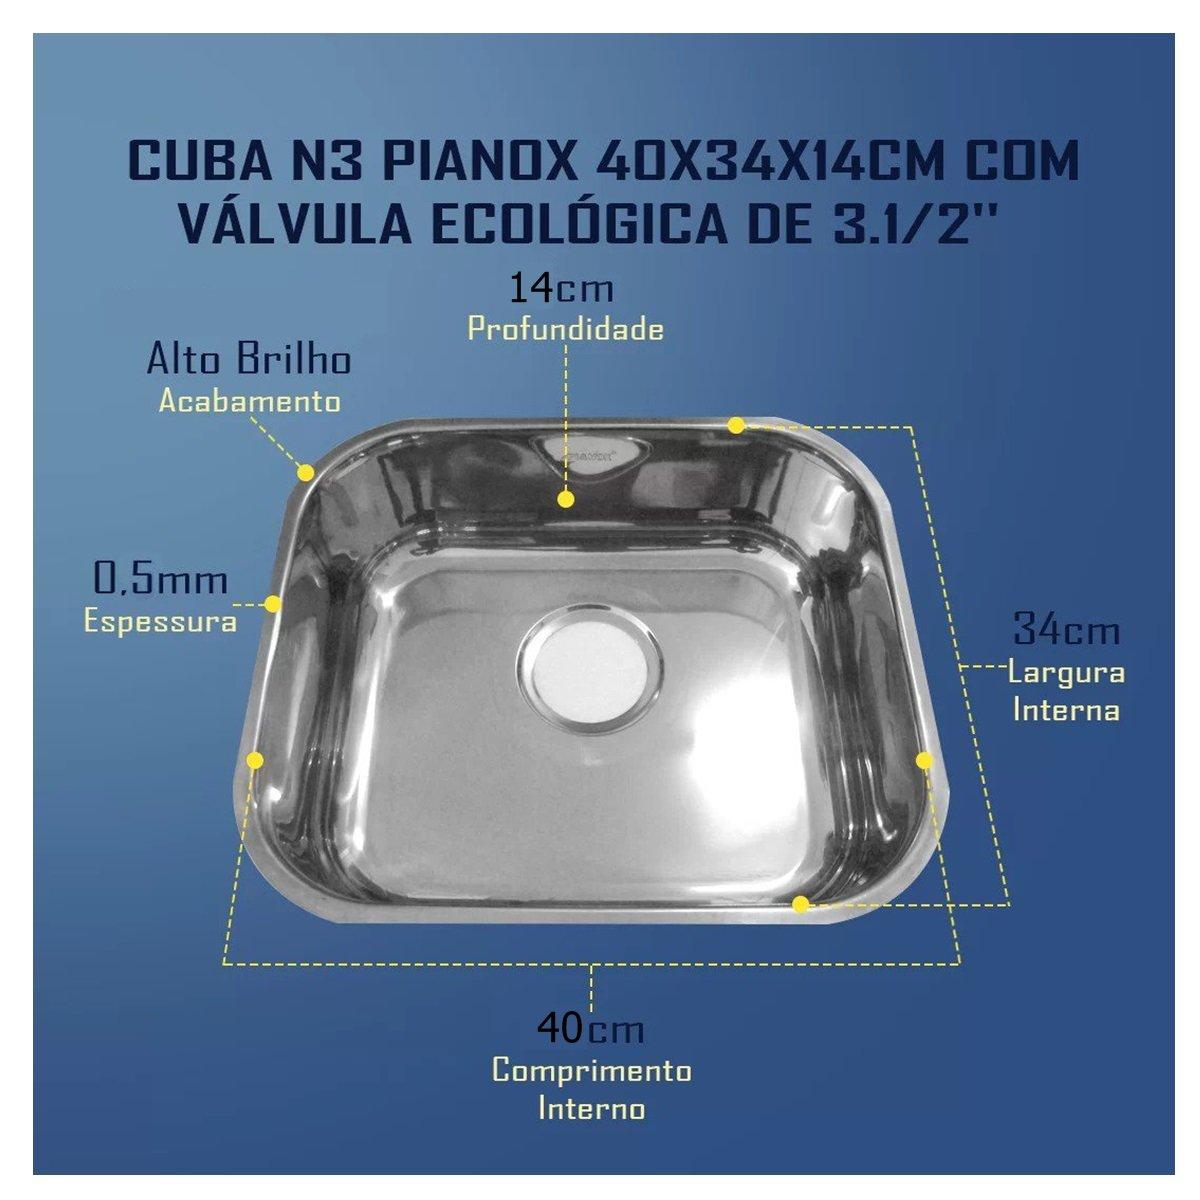 Cuba N3 Pianox 40x34x14cm com Válvula Ecológica de 3.1/2''